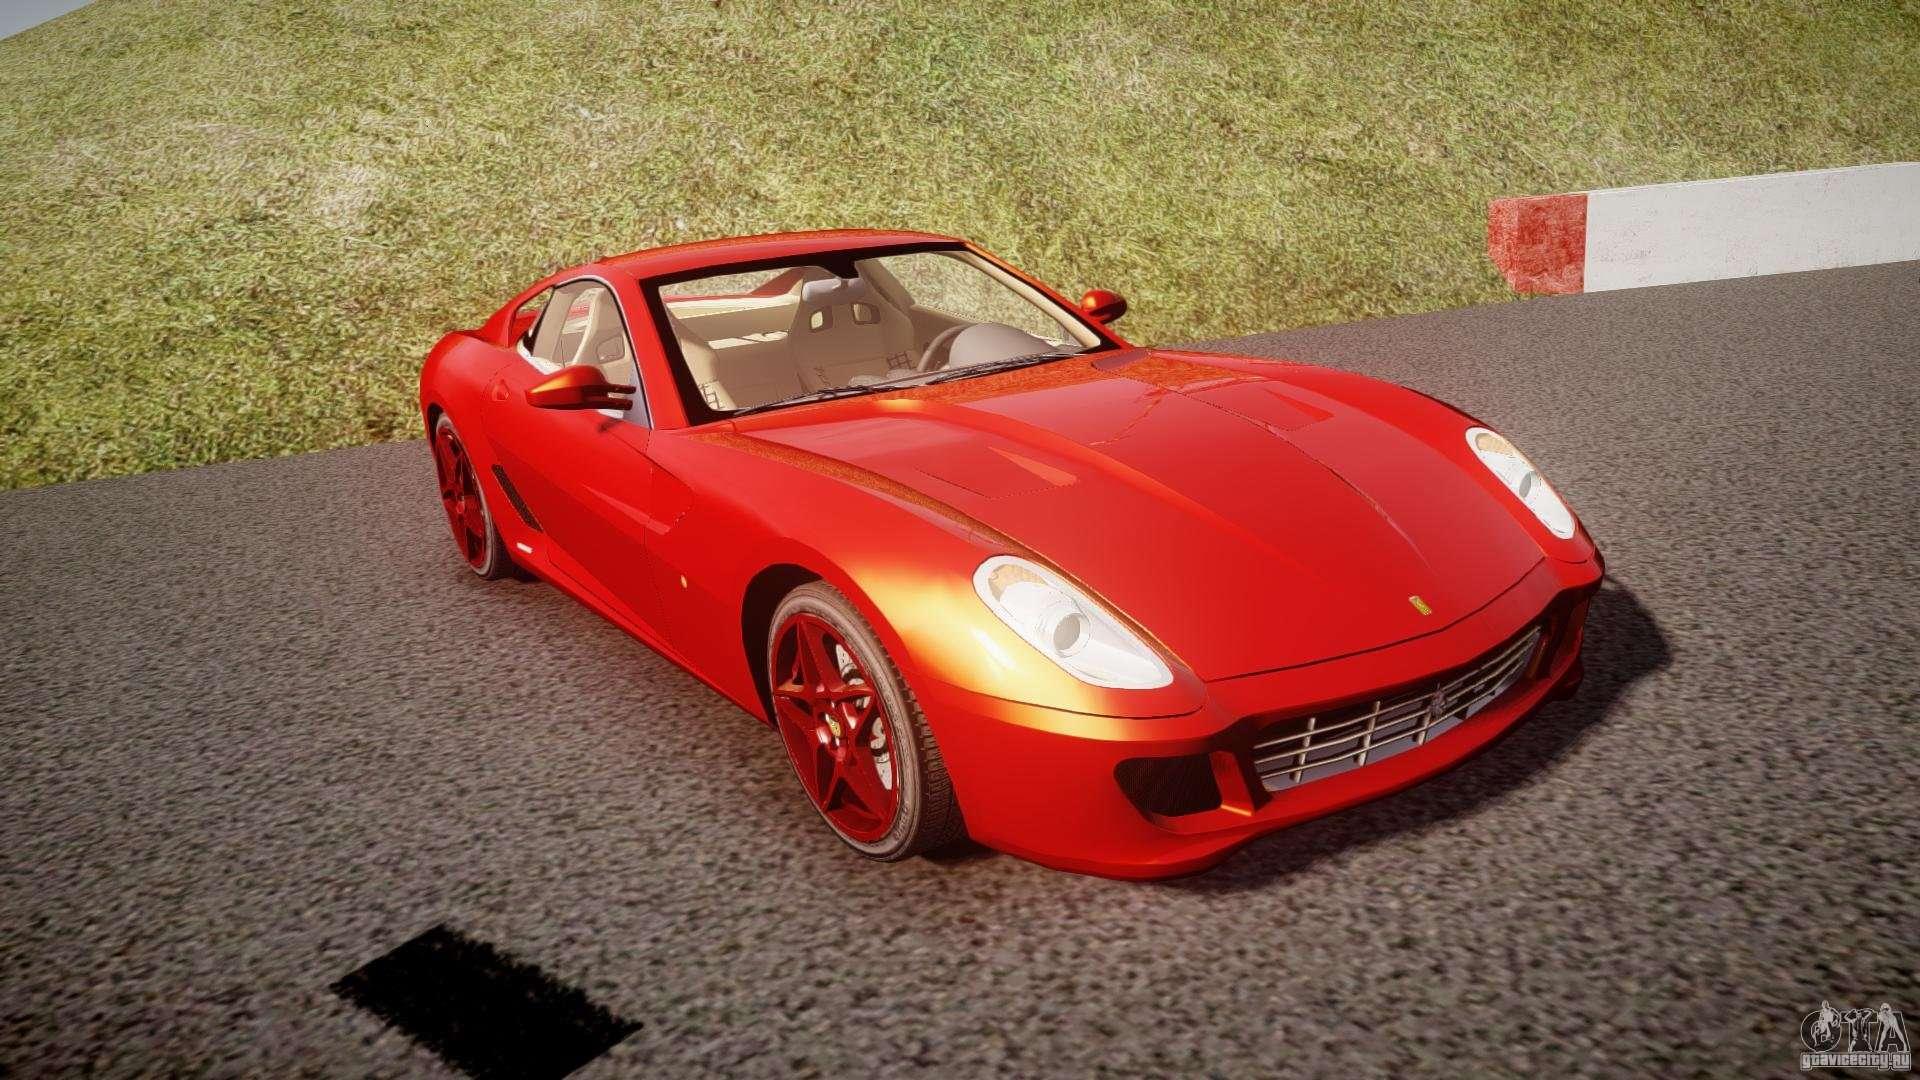 2006 ferrari 599 gtb - photo #47